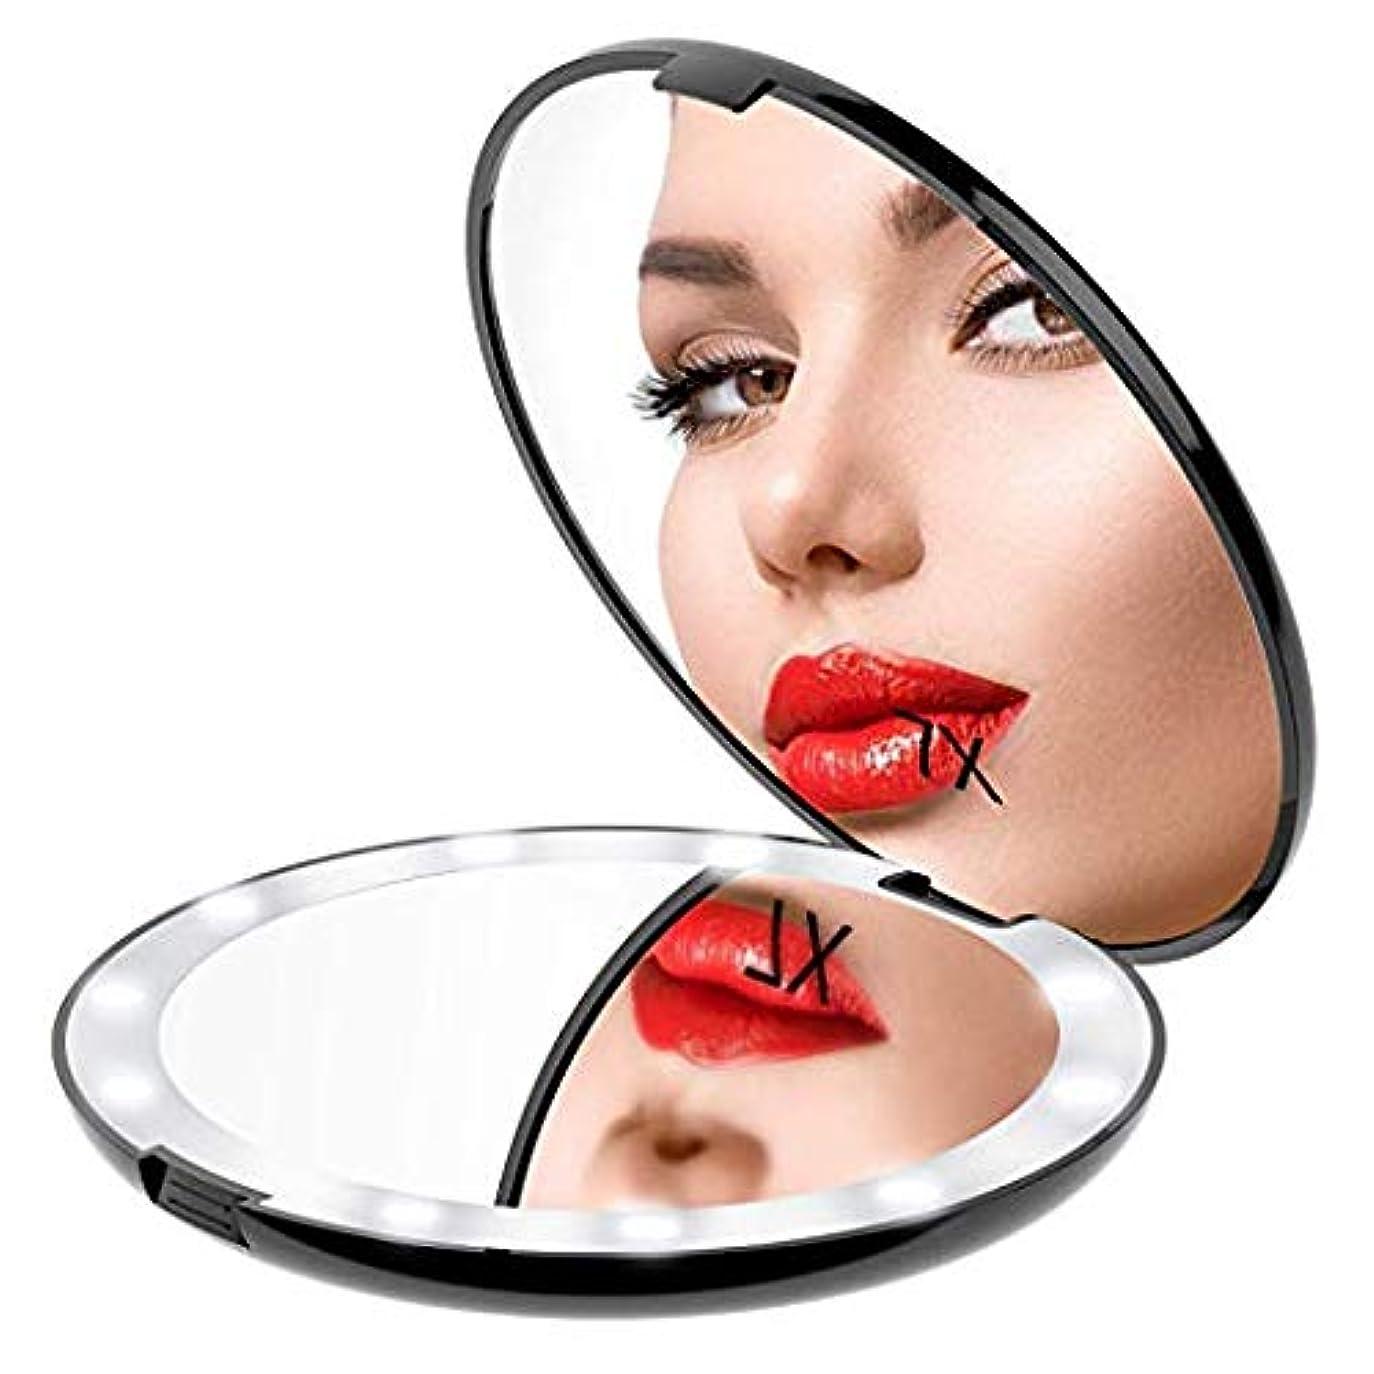 悪意のあるホット控えるGospire 化粧鏡 7倍拡大鏡 携帯ミラー 化粧ミラー LEDライト 手鏡 折りたたみ式 コンパクト 角度調整可 (ブラック)